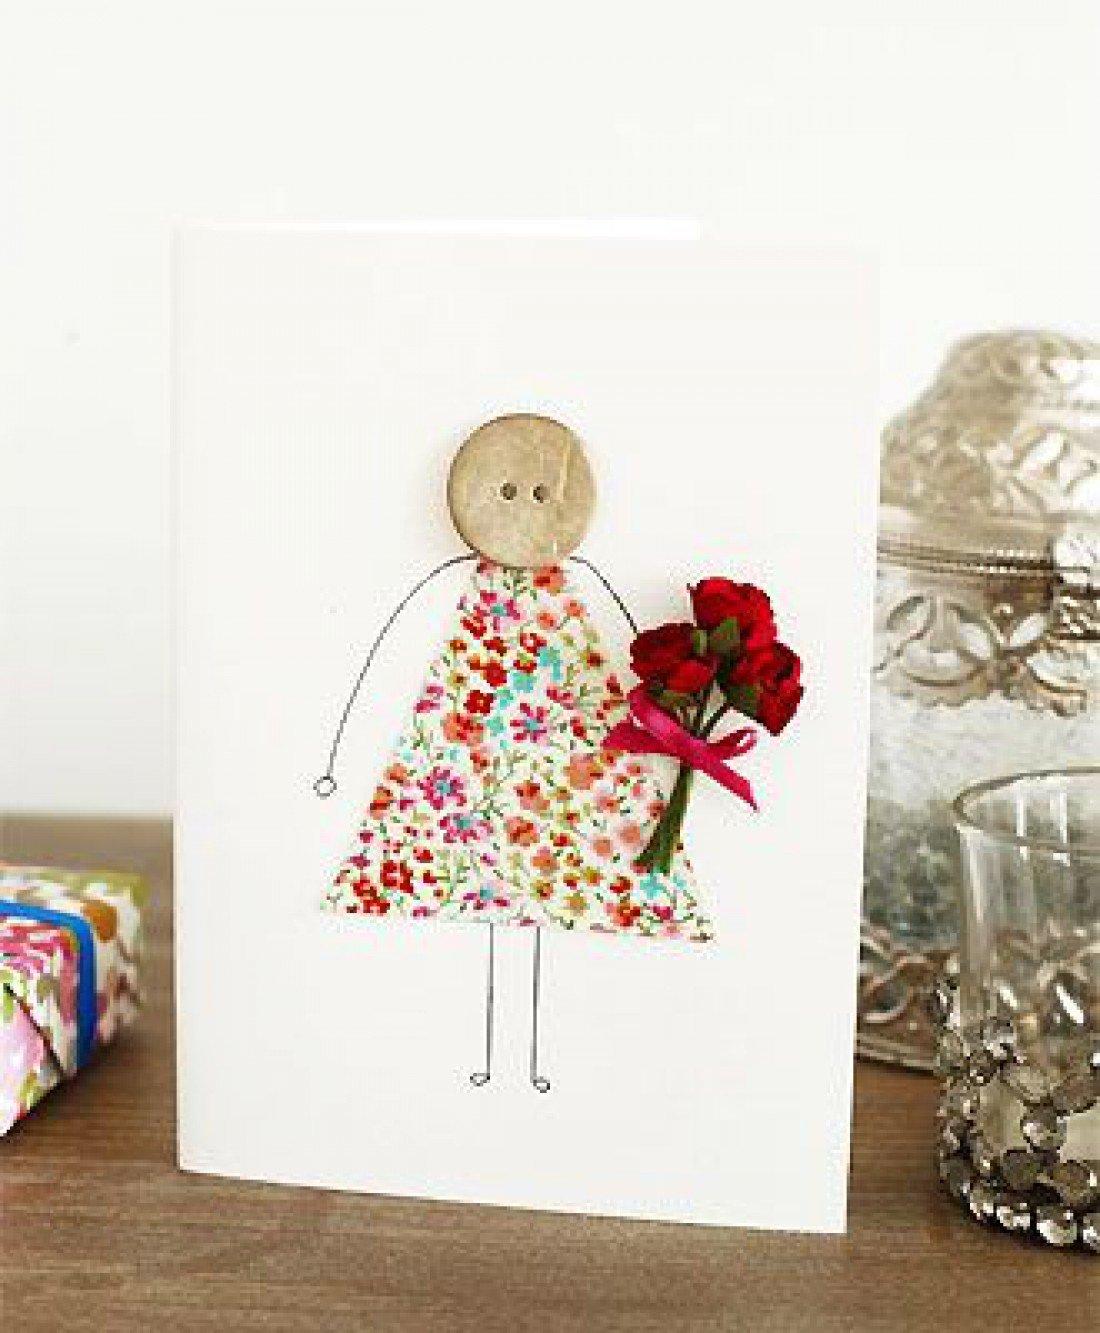 Интересные идеи для открыток на день матери, открытка рождеству